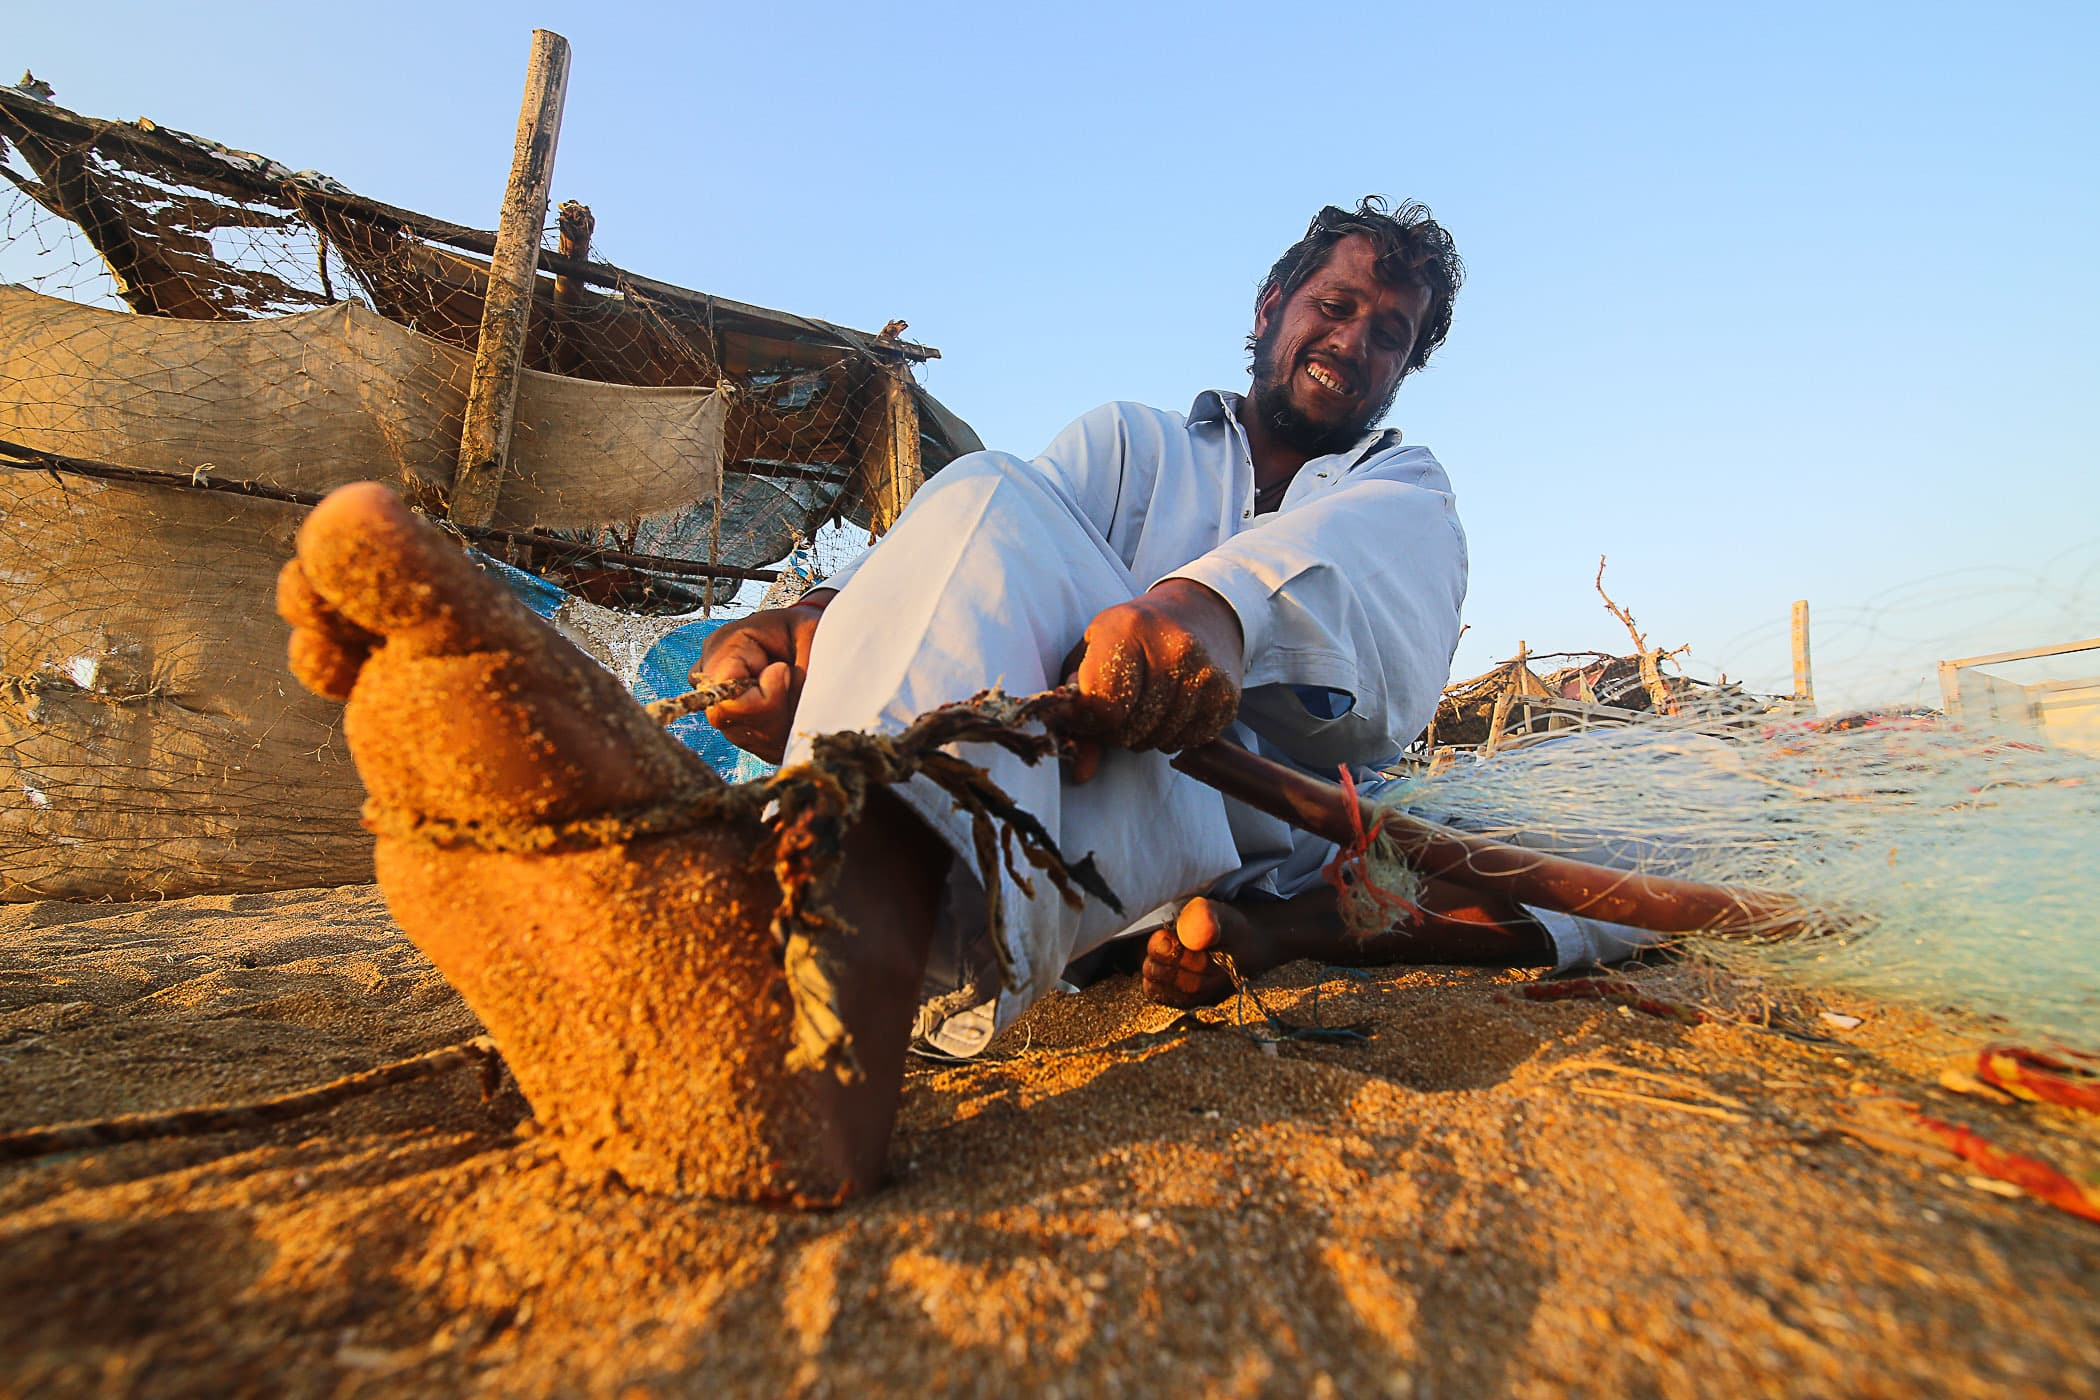 Qasim tightens a knot on his fishing net.